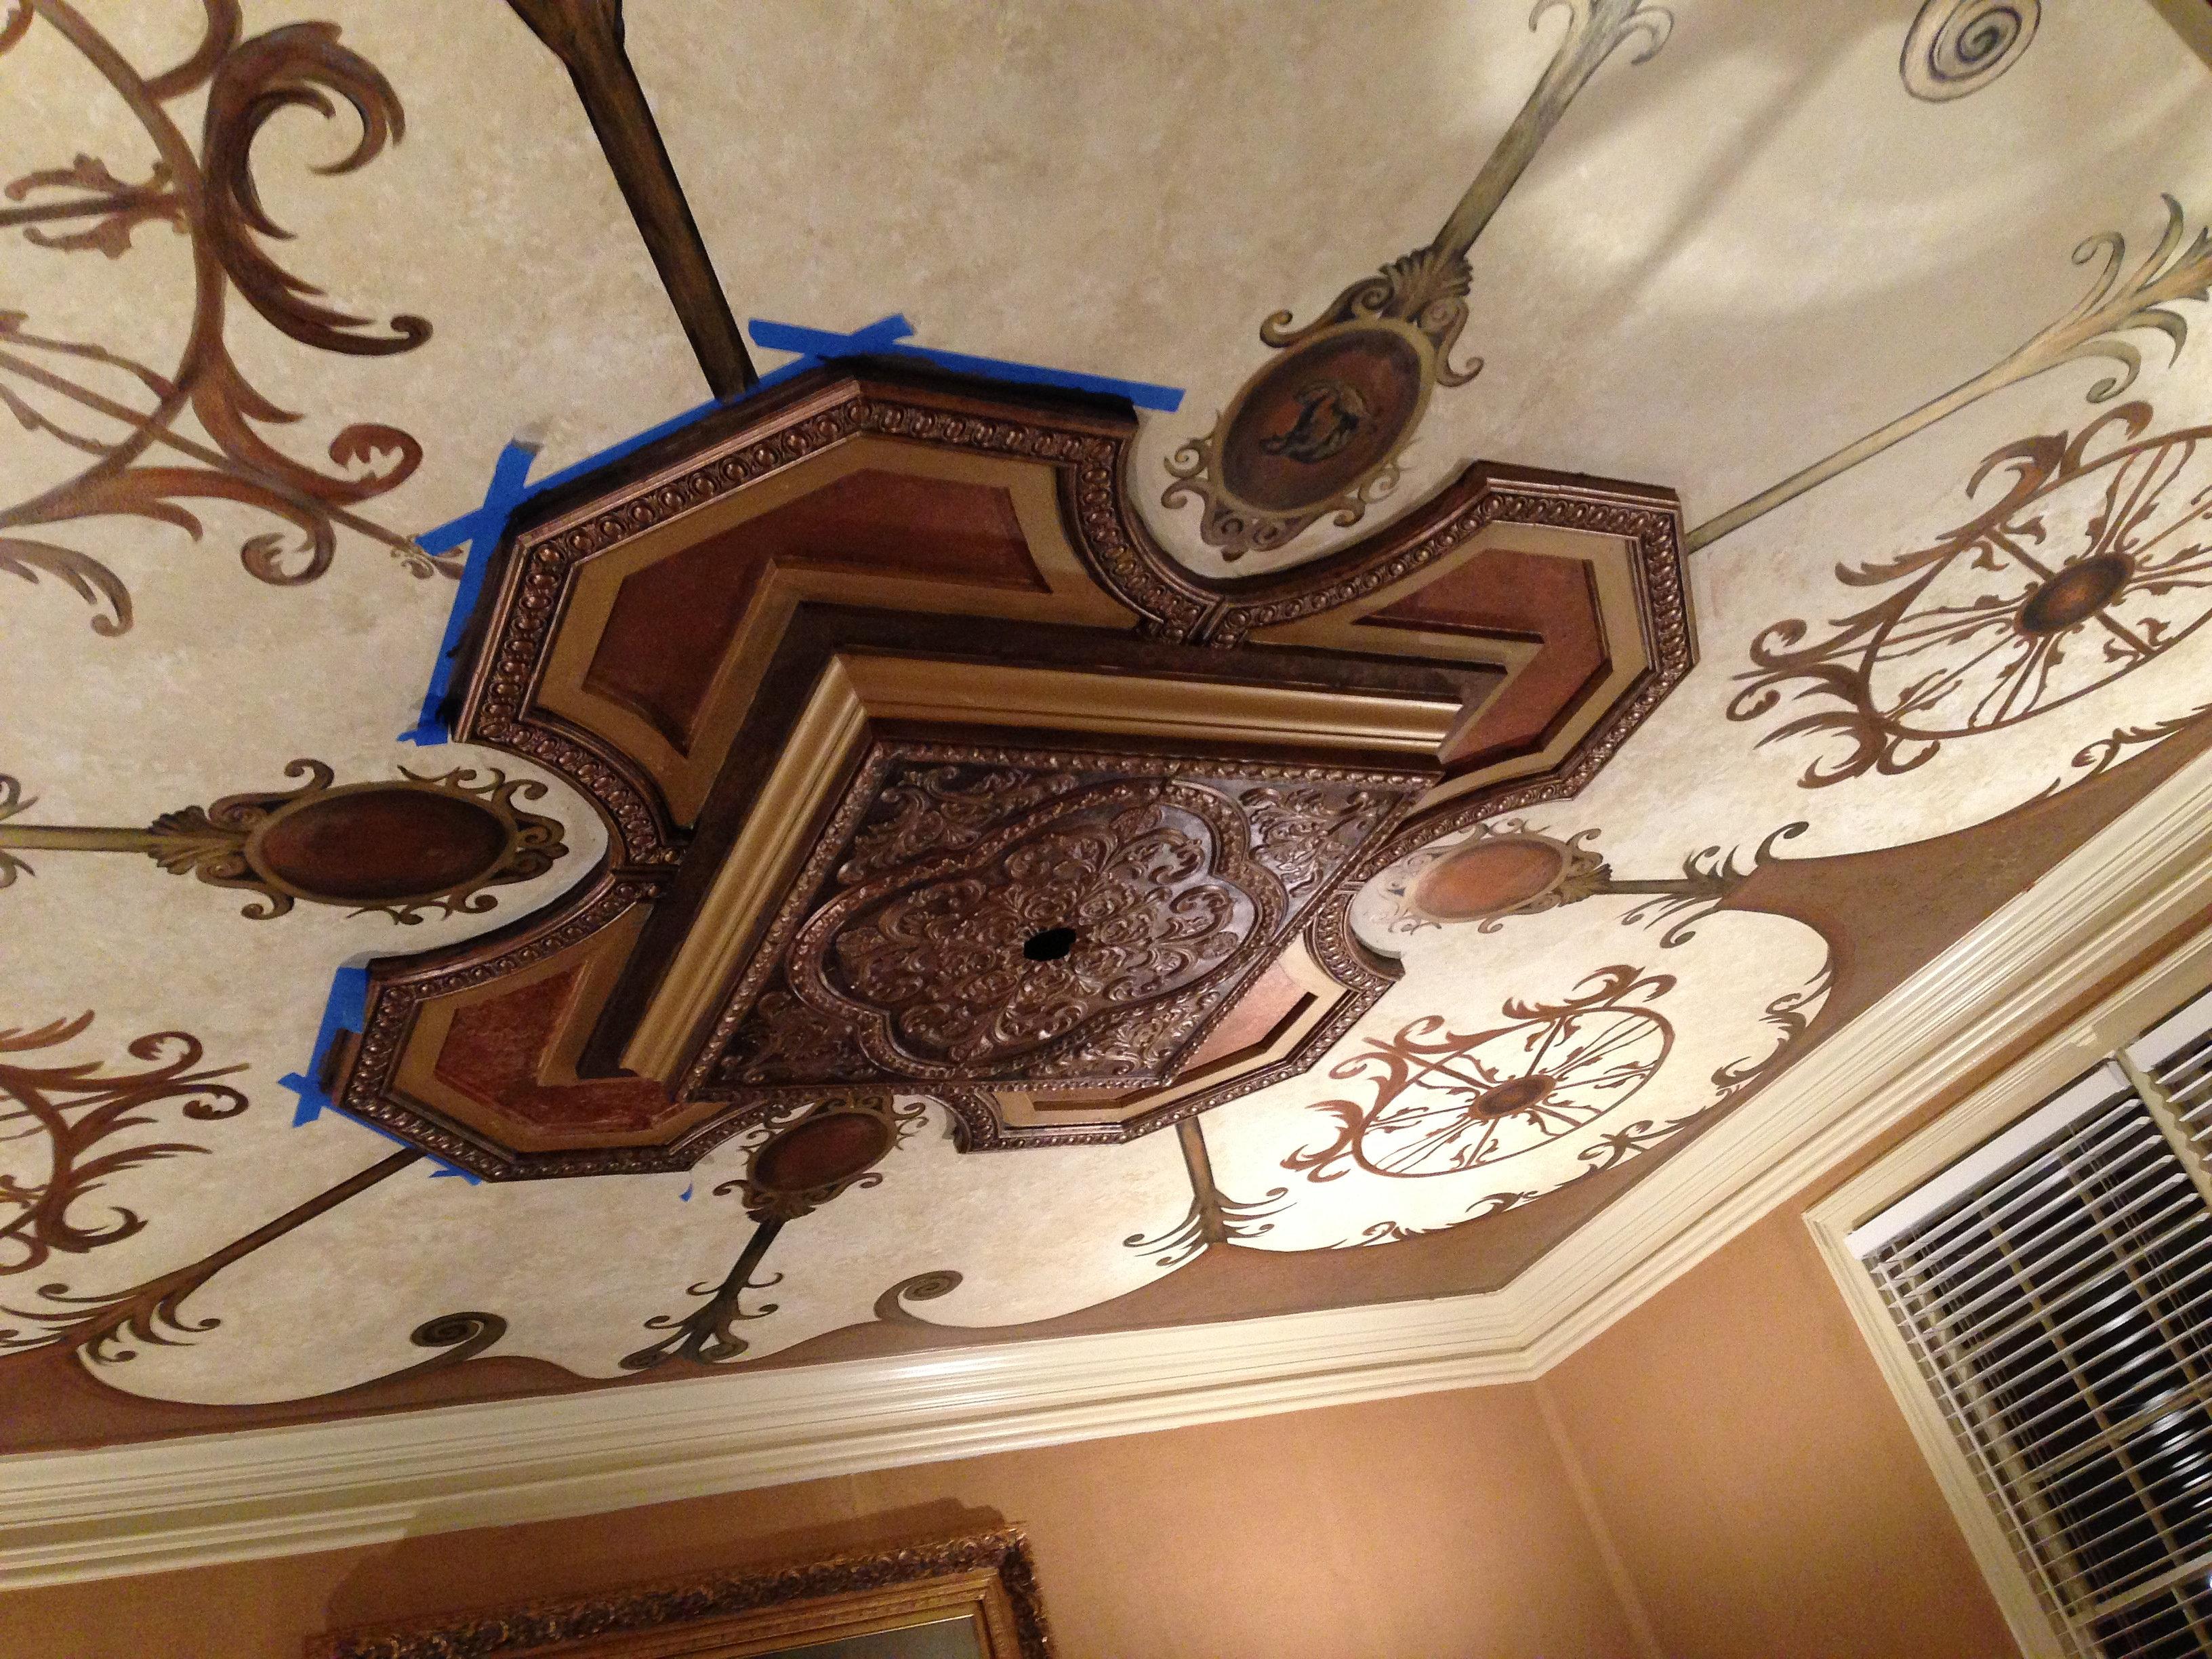 Barry Belcher Art amp Design Ornate Dining Room Ceiling Mural